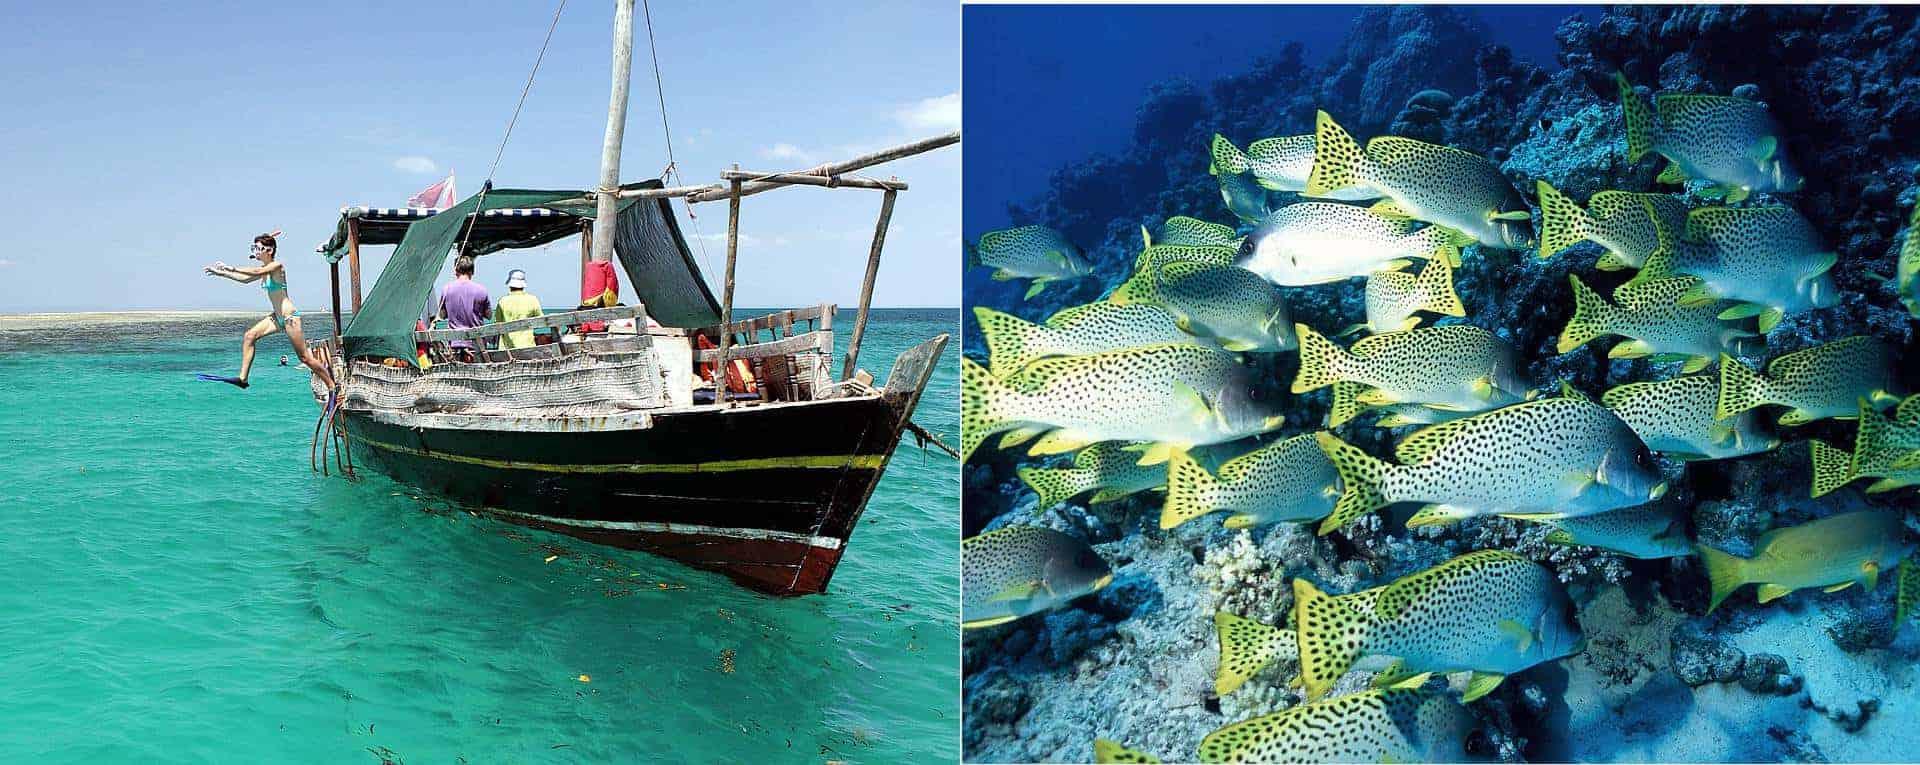 Wasini Island Kisite Marine Dhow Tour Experience In Mombasa